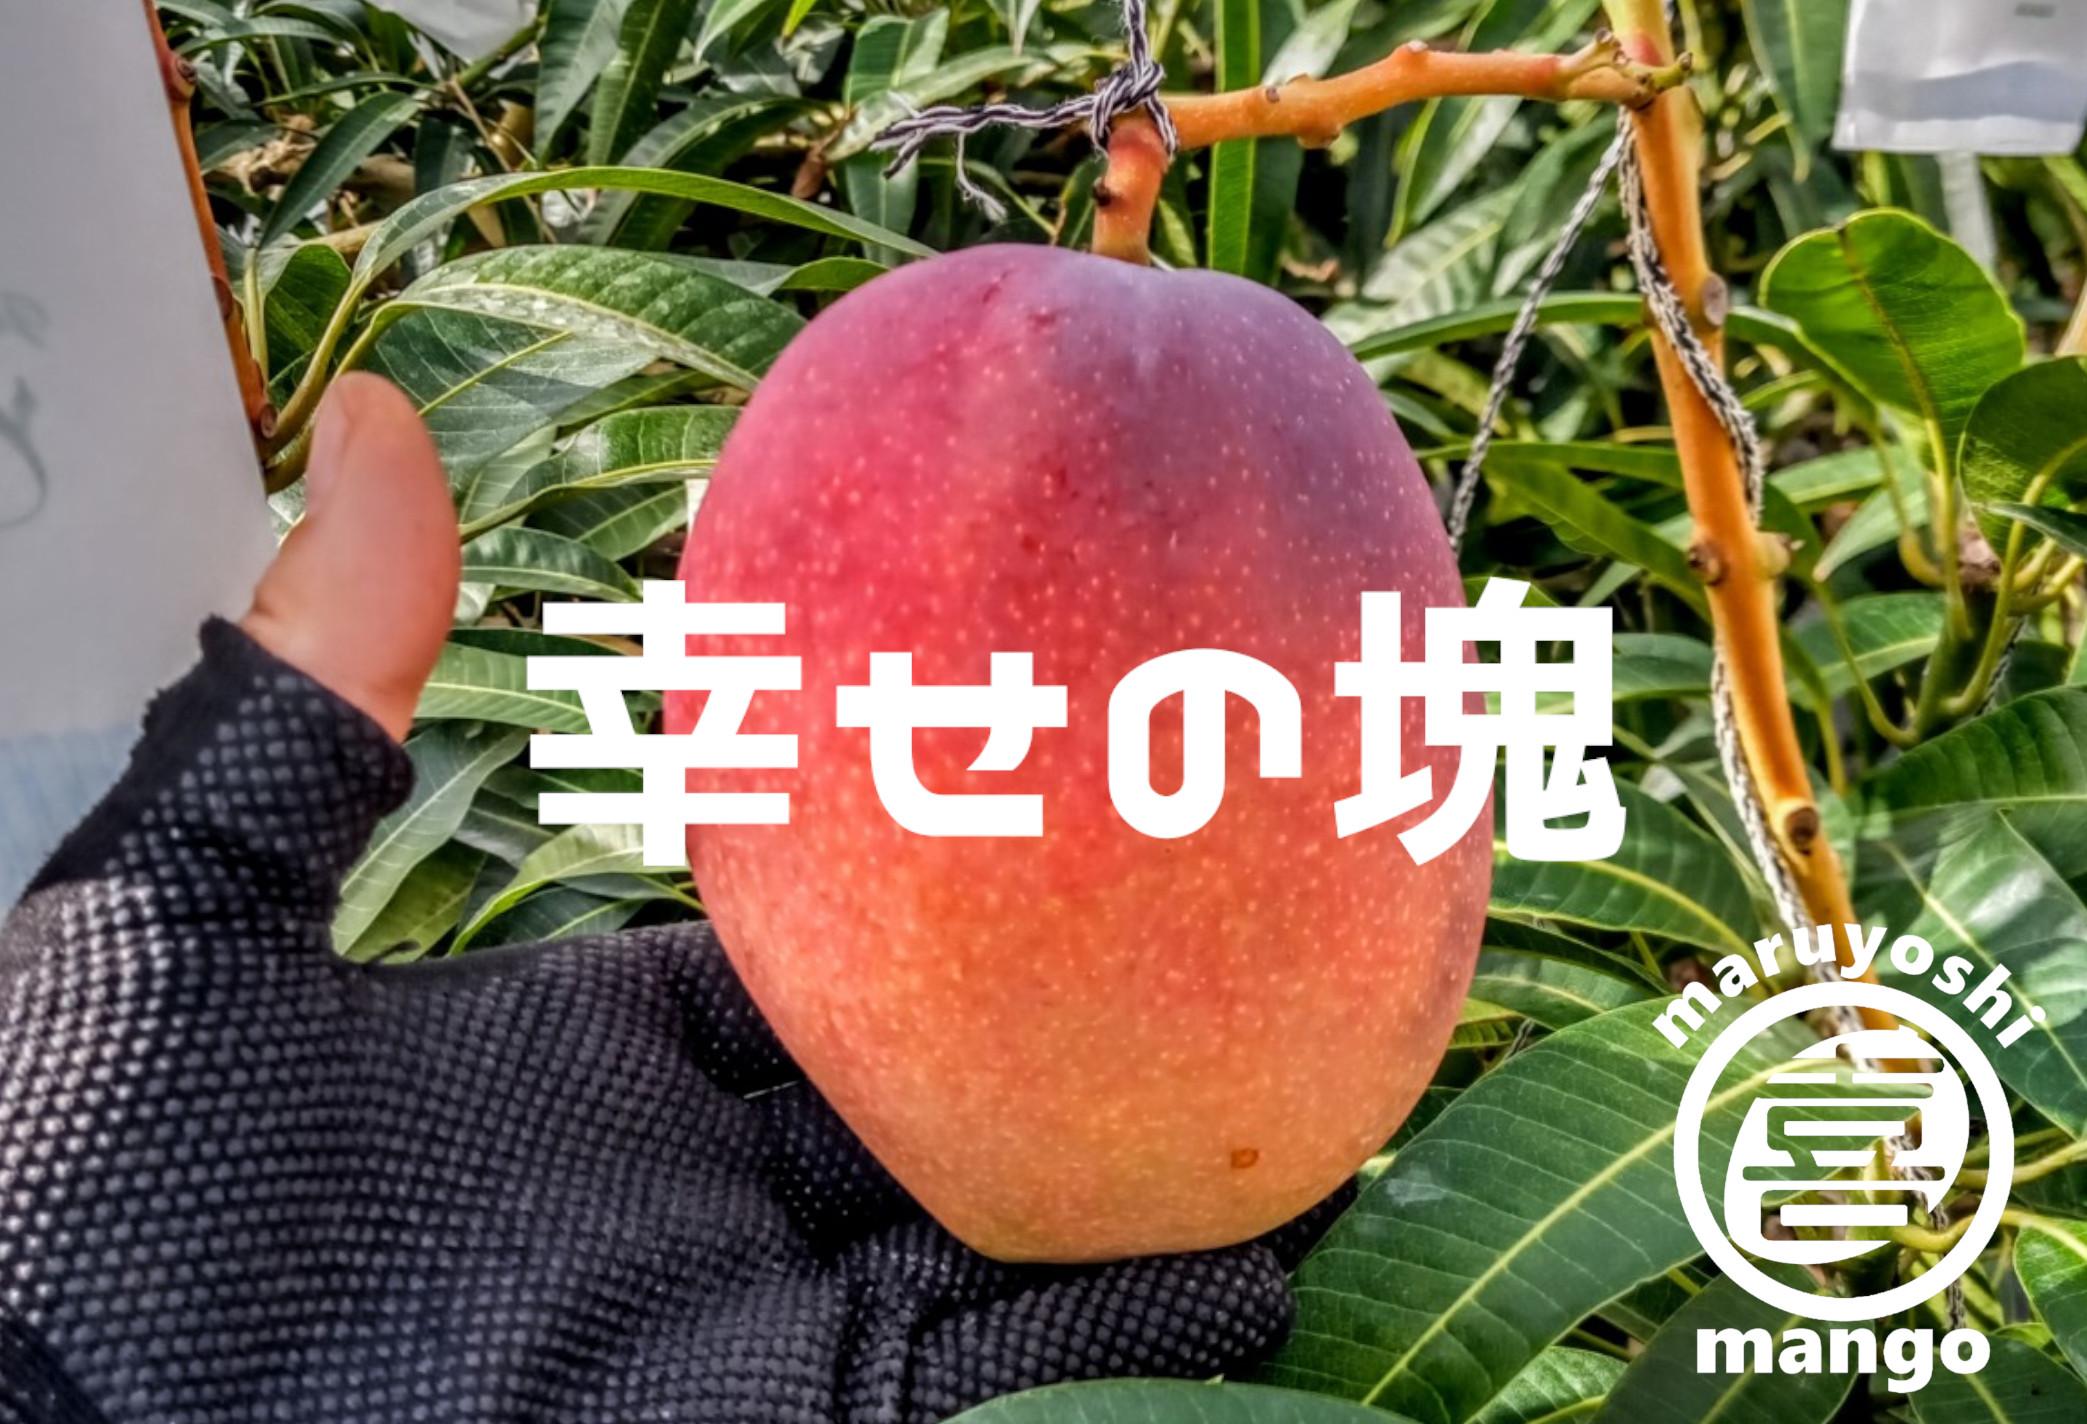 【秀品】幸せの塊 マンゴー(アーウィン種) 1kg 2~3個